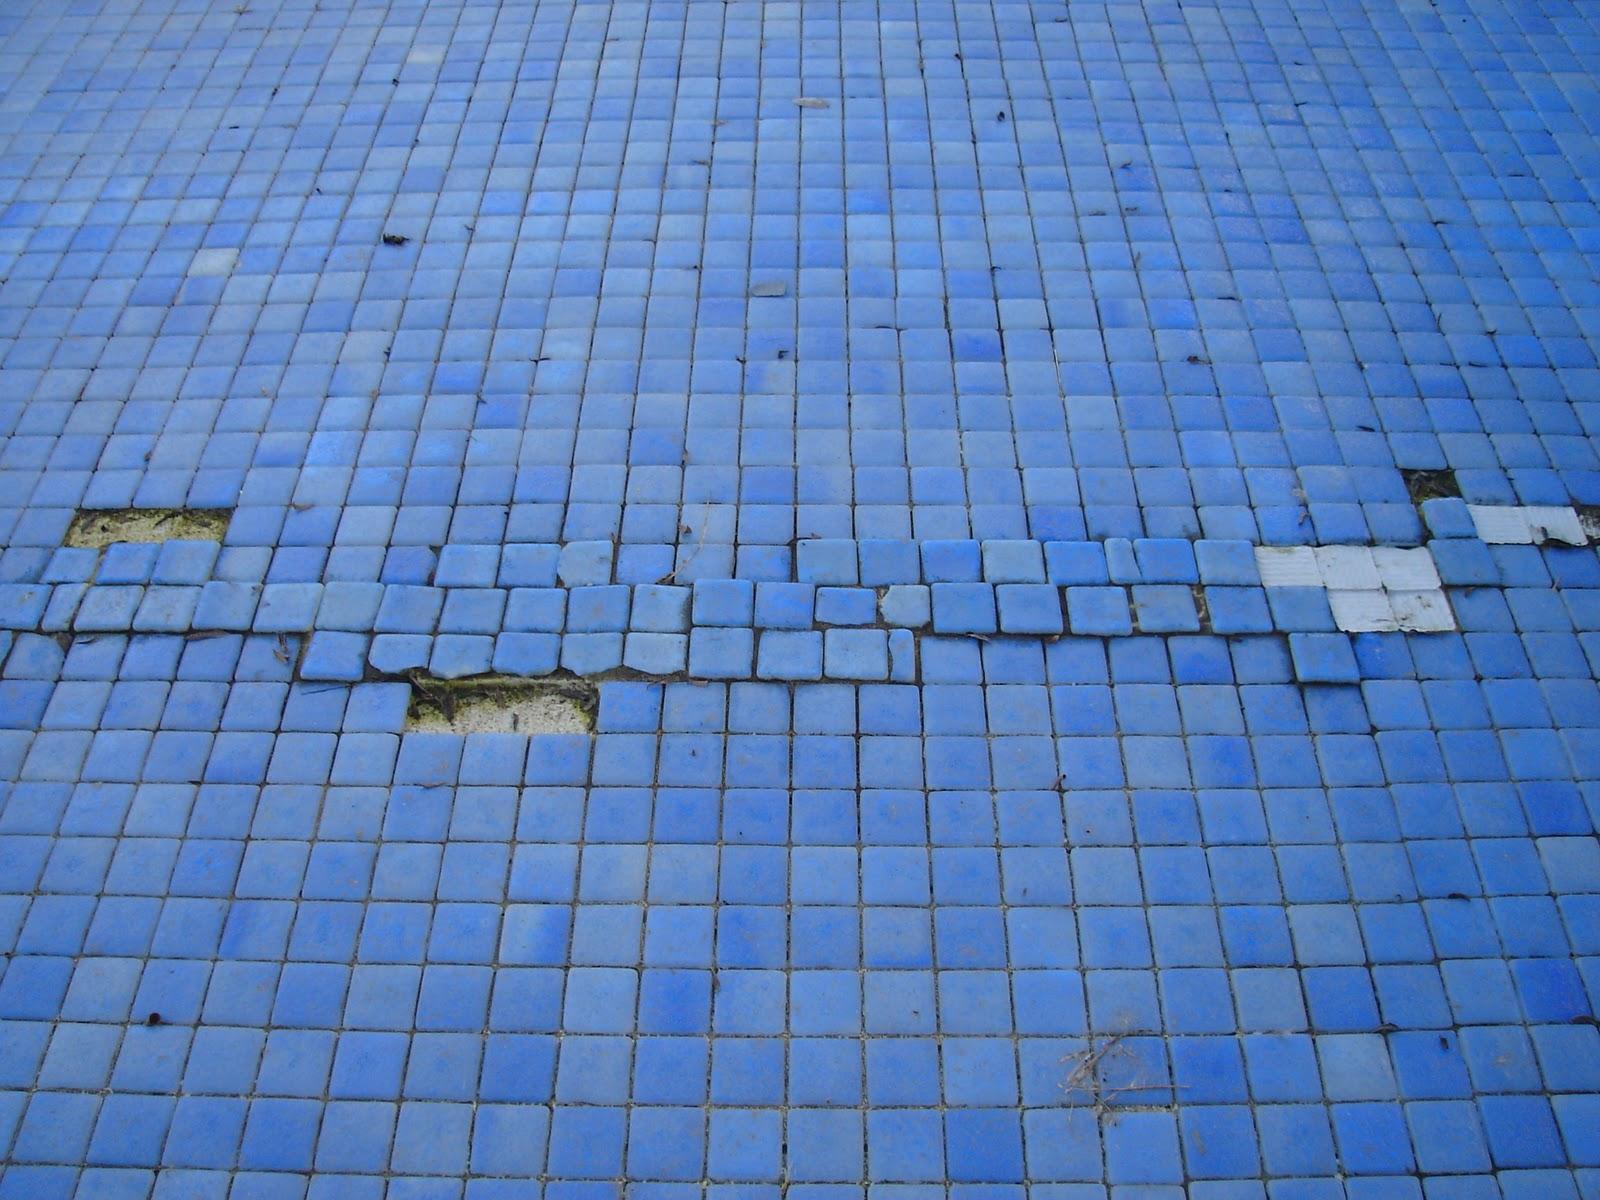 Gresite piscinas hd 1080p 4k foto - Alicatar encima de azulejos ...